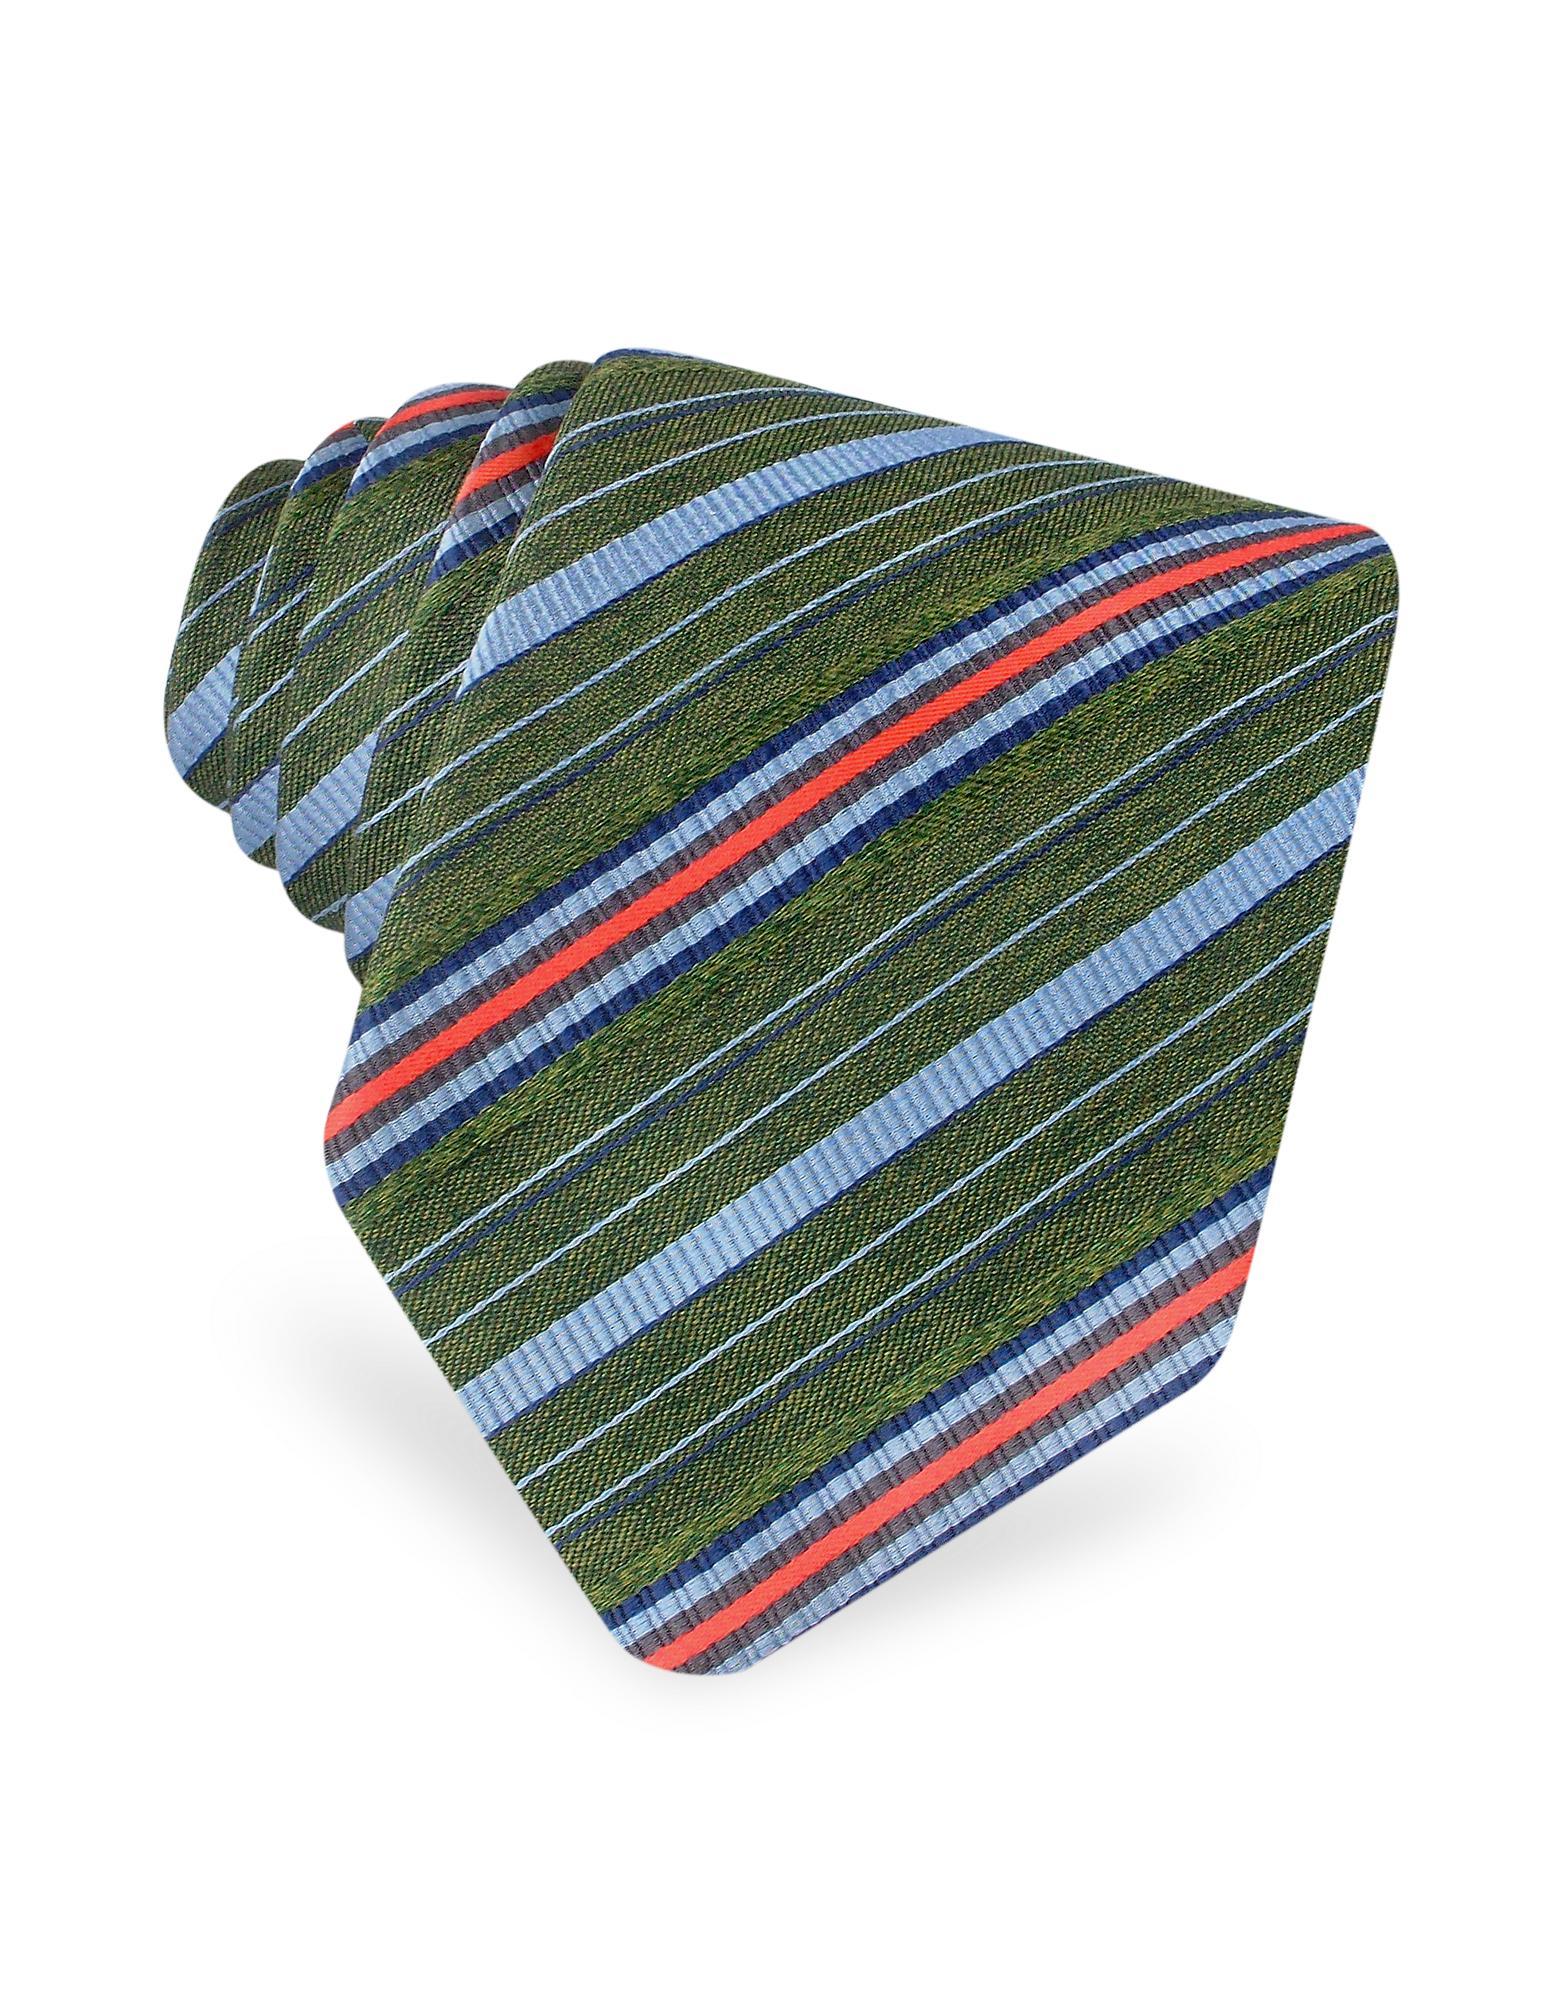 Kenzo  New Regimental Stripe Woven Silk Tie